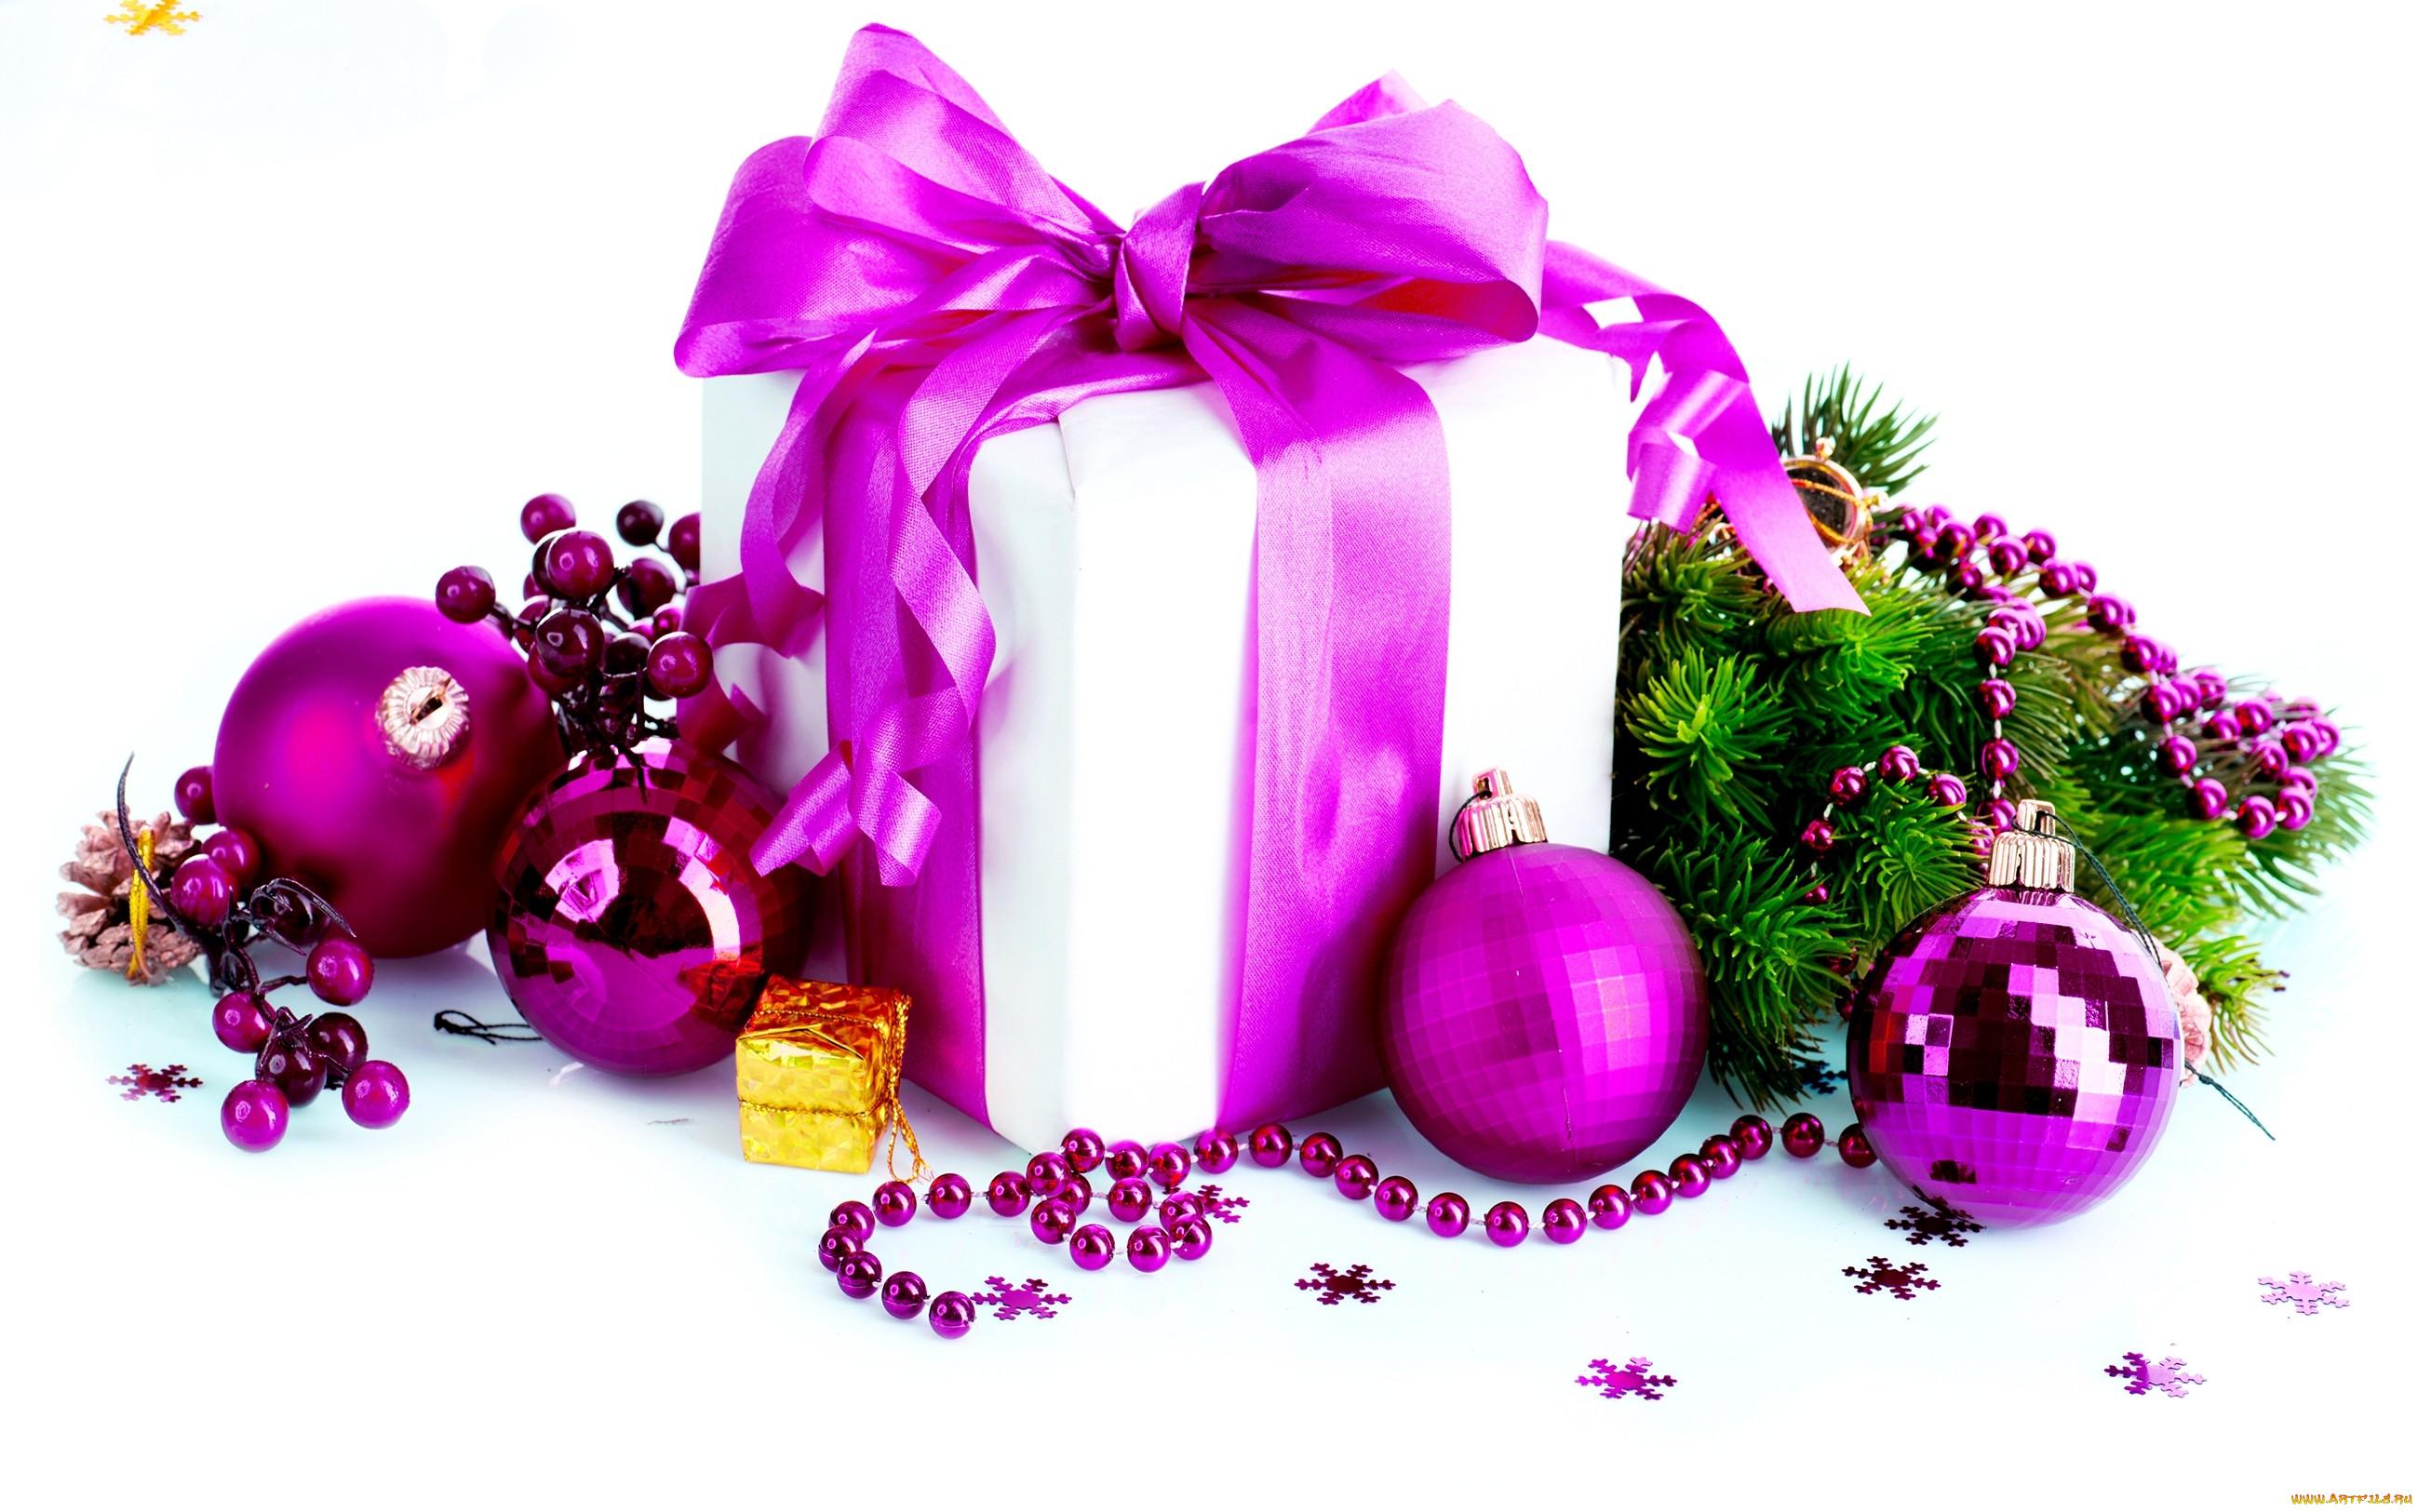 картинки новогодних шаров и подарков свежесть необыкновенных белоснежных